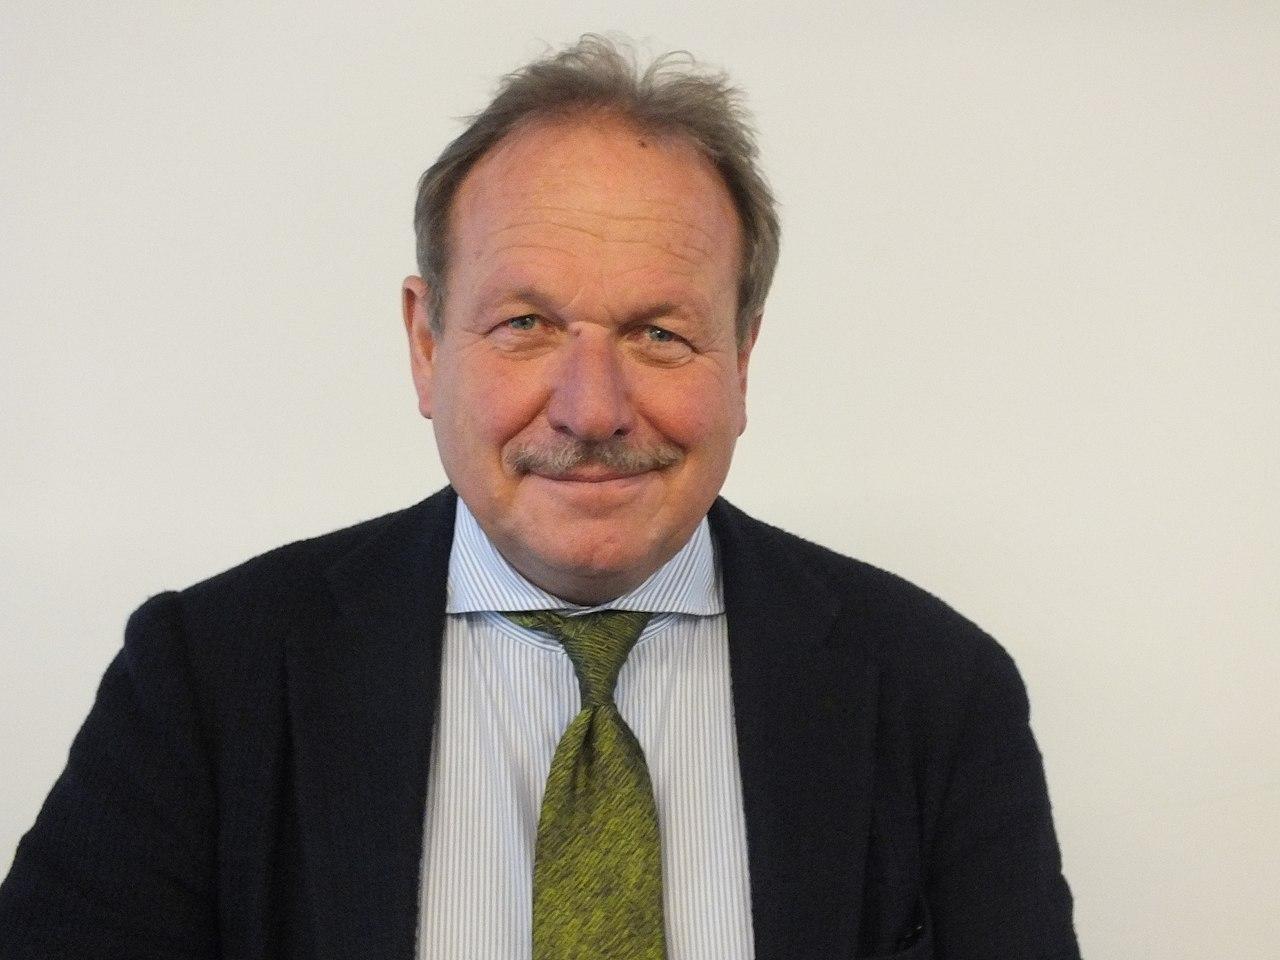 Frank Bsirske 2018.JPG